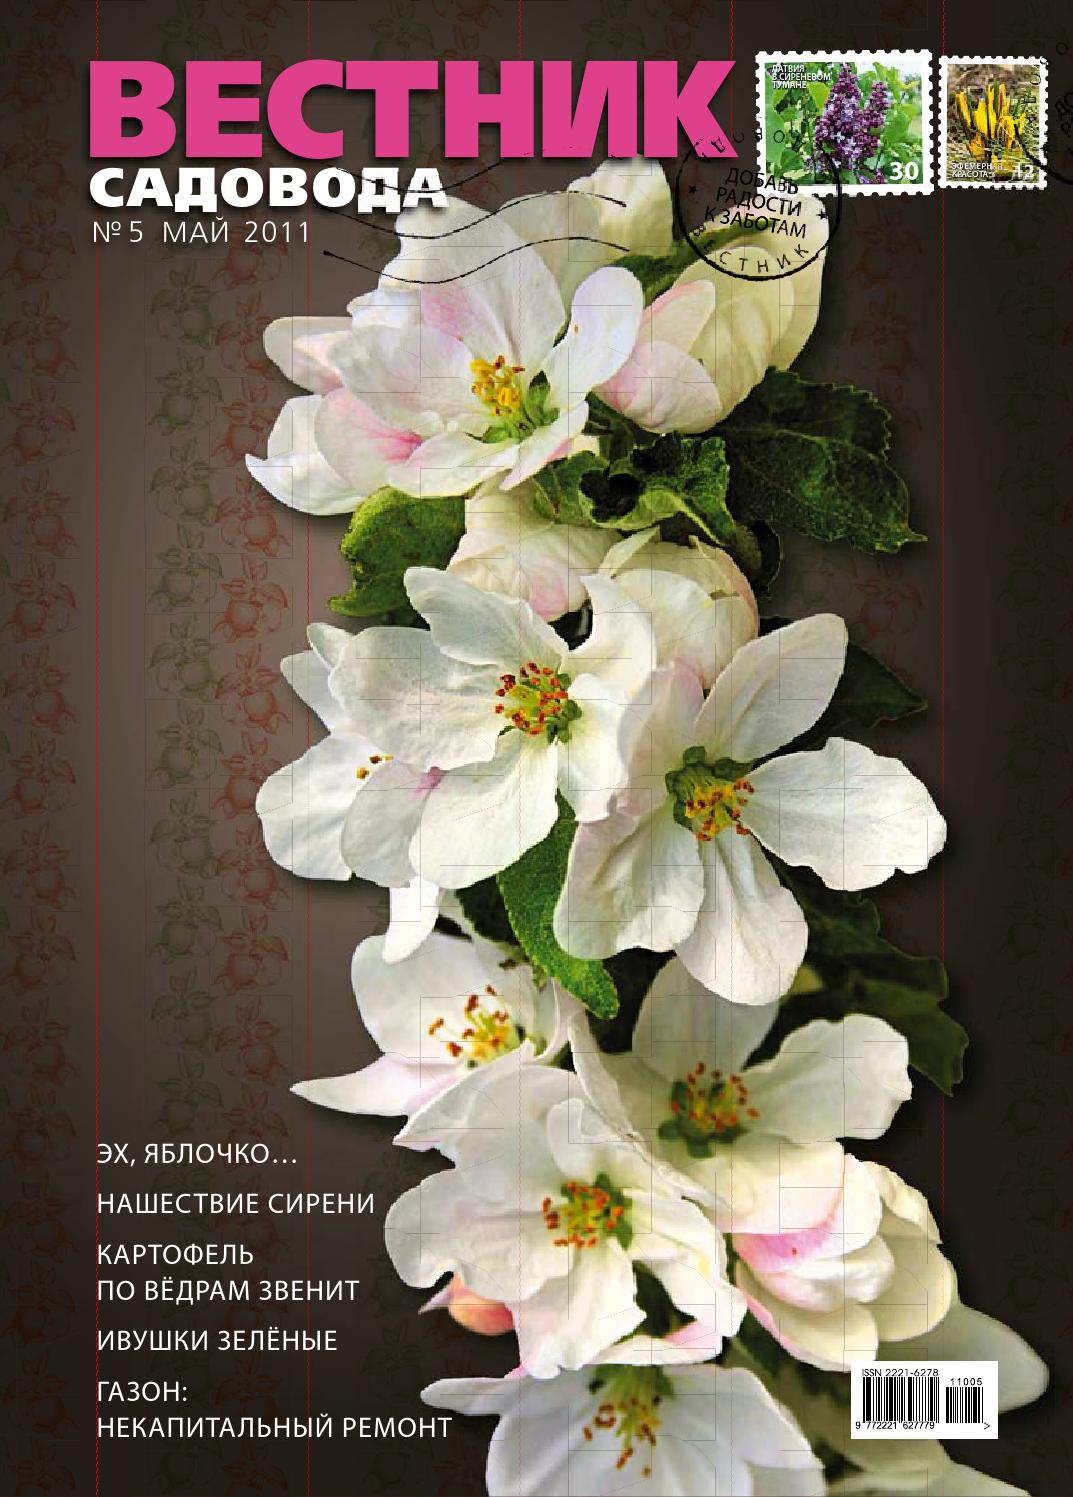 Обделена заслуженной популярностью морозостойкая яблоня Аркадик